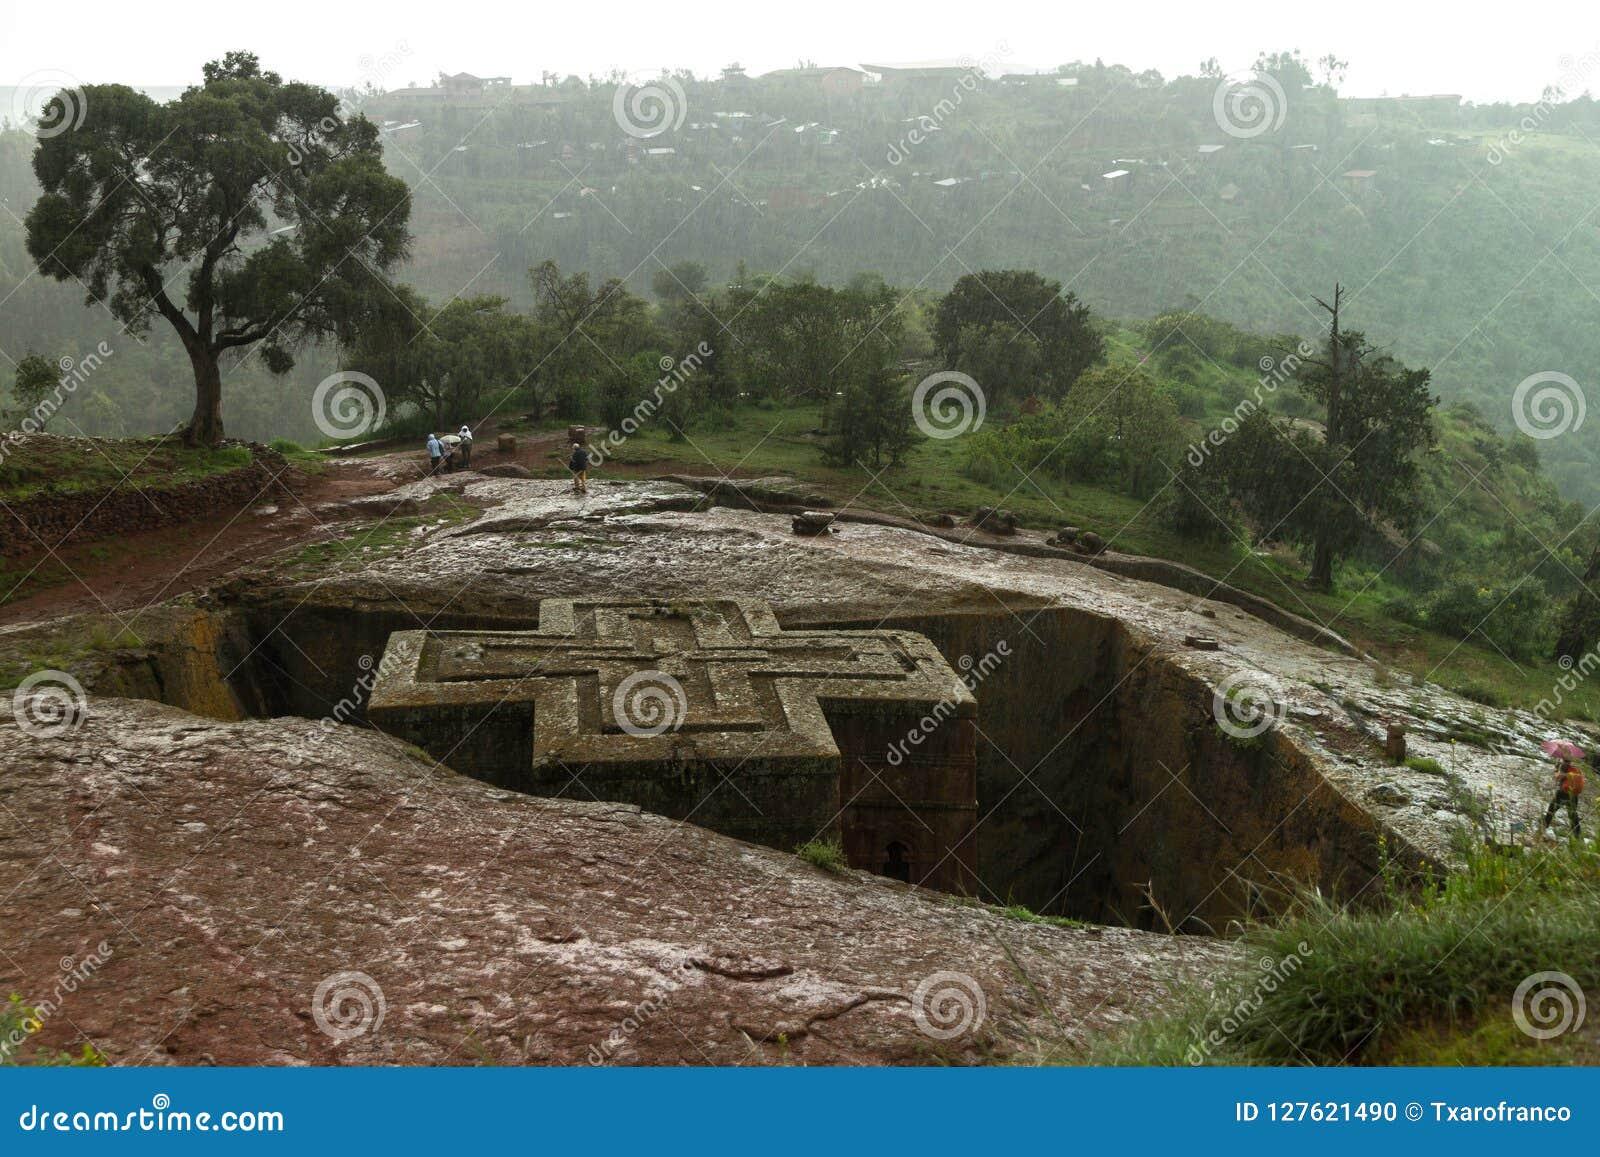 Very rainy day in Lalibela. Ethiopia.